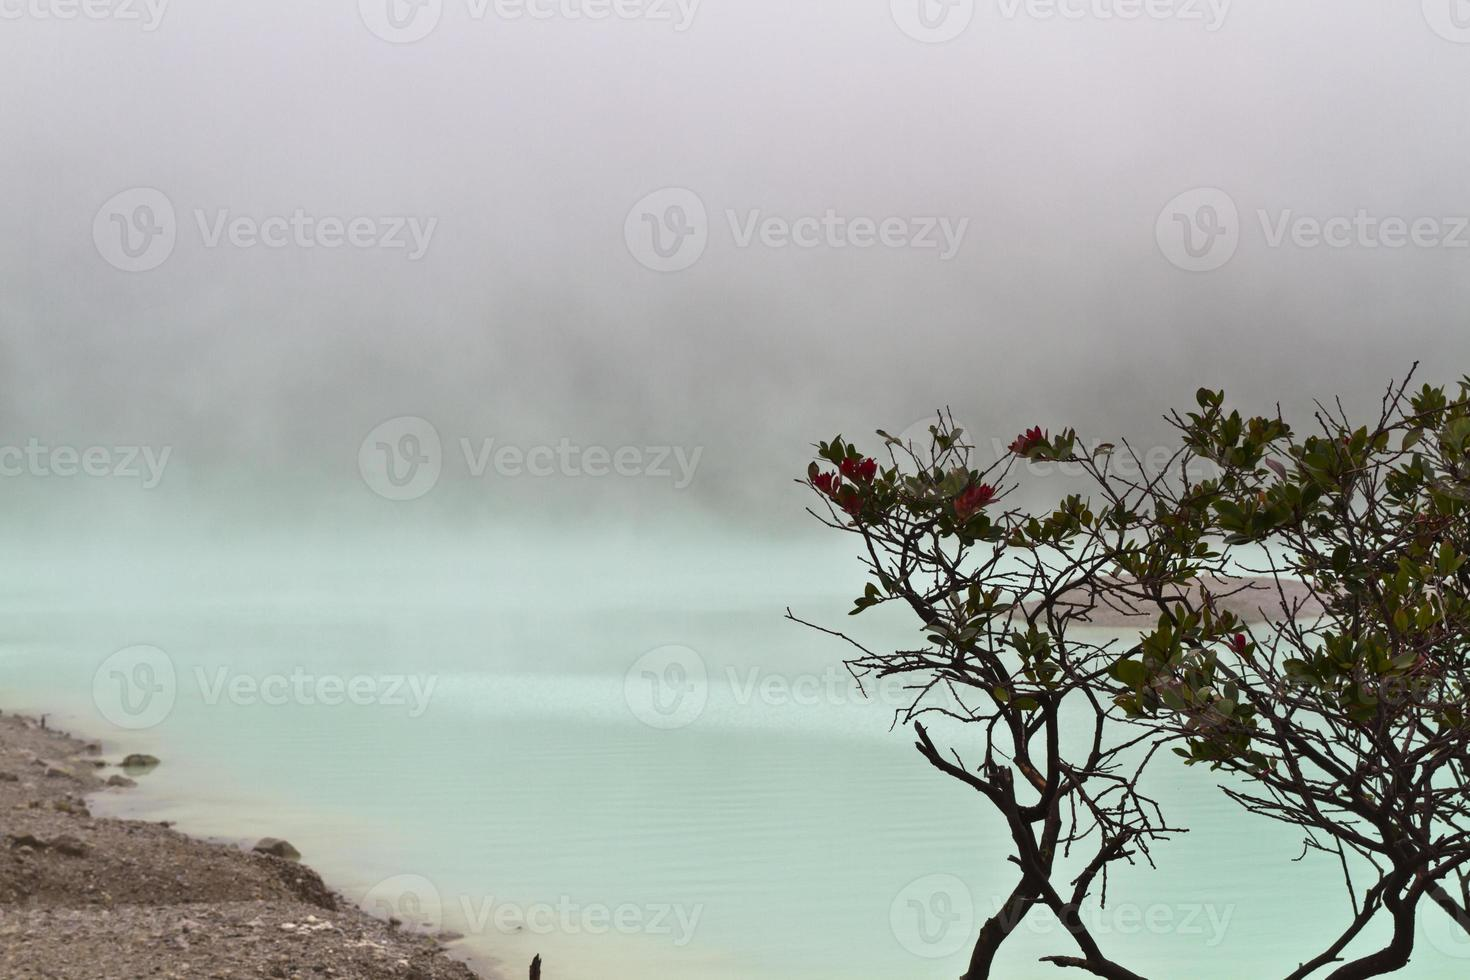 albero e lago nebbioso foto